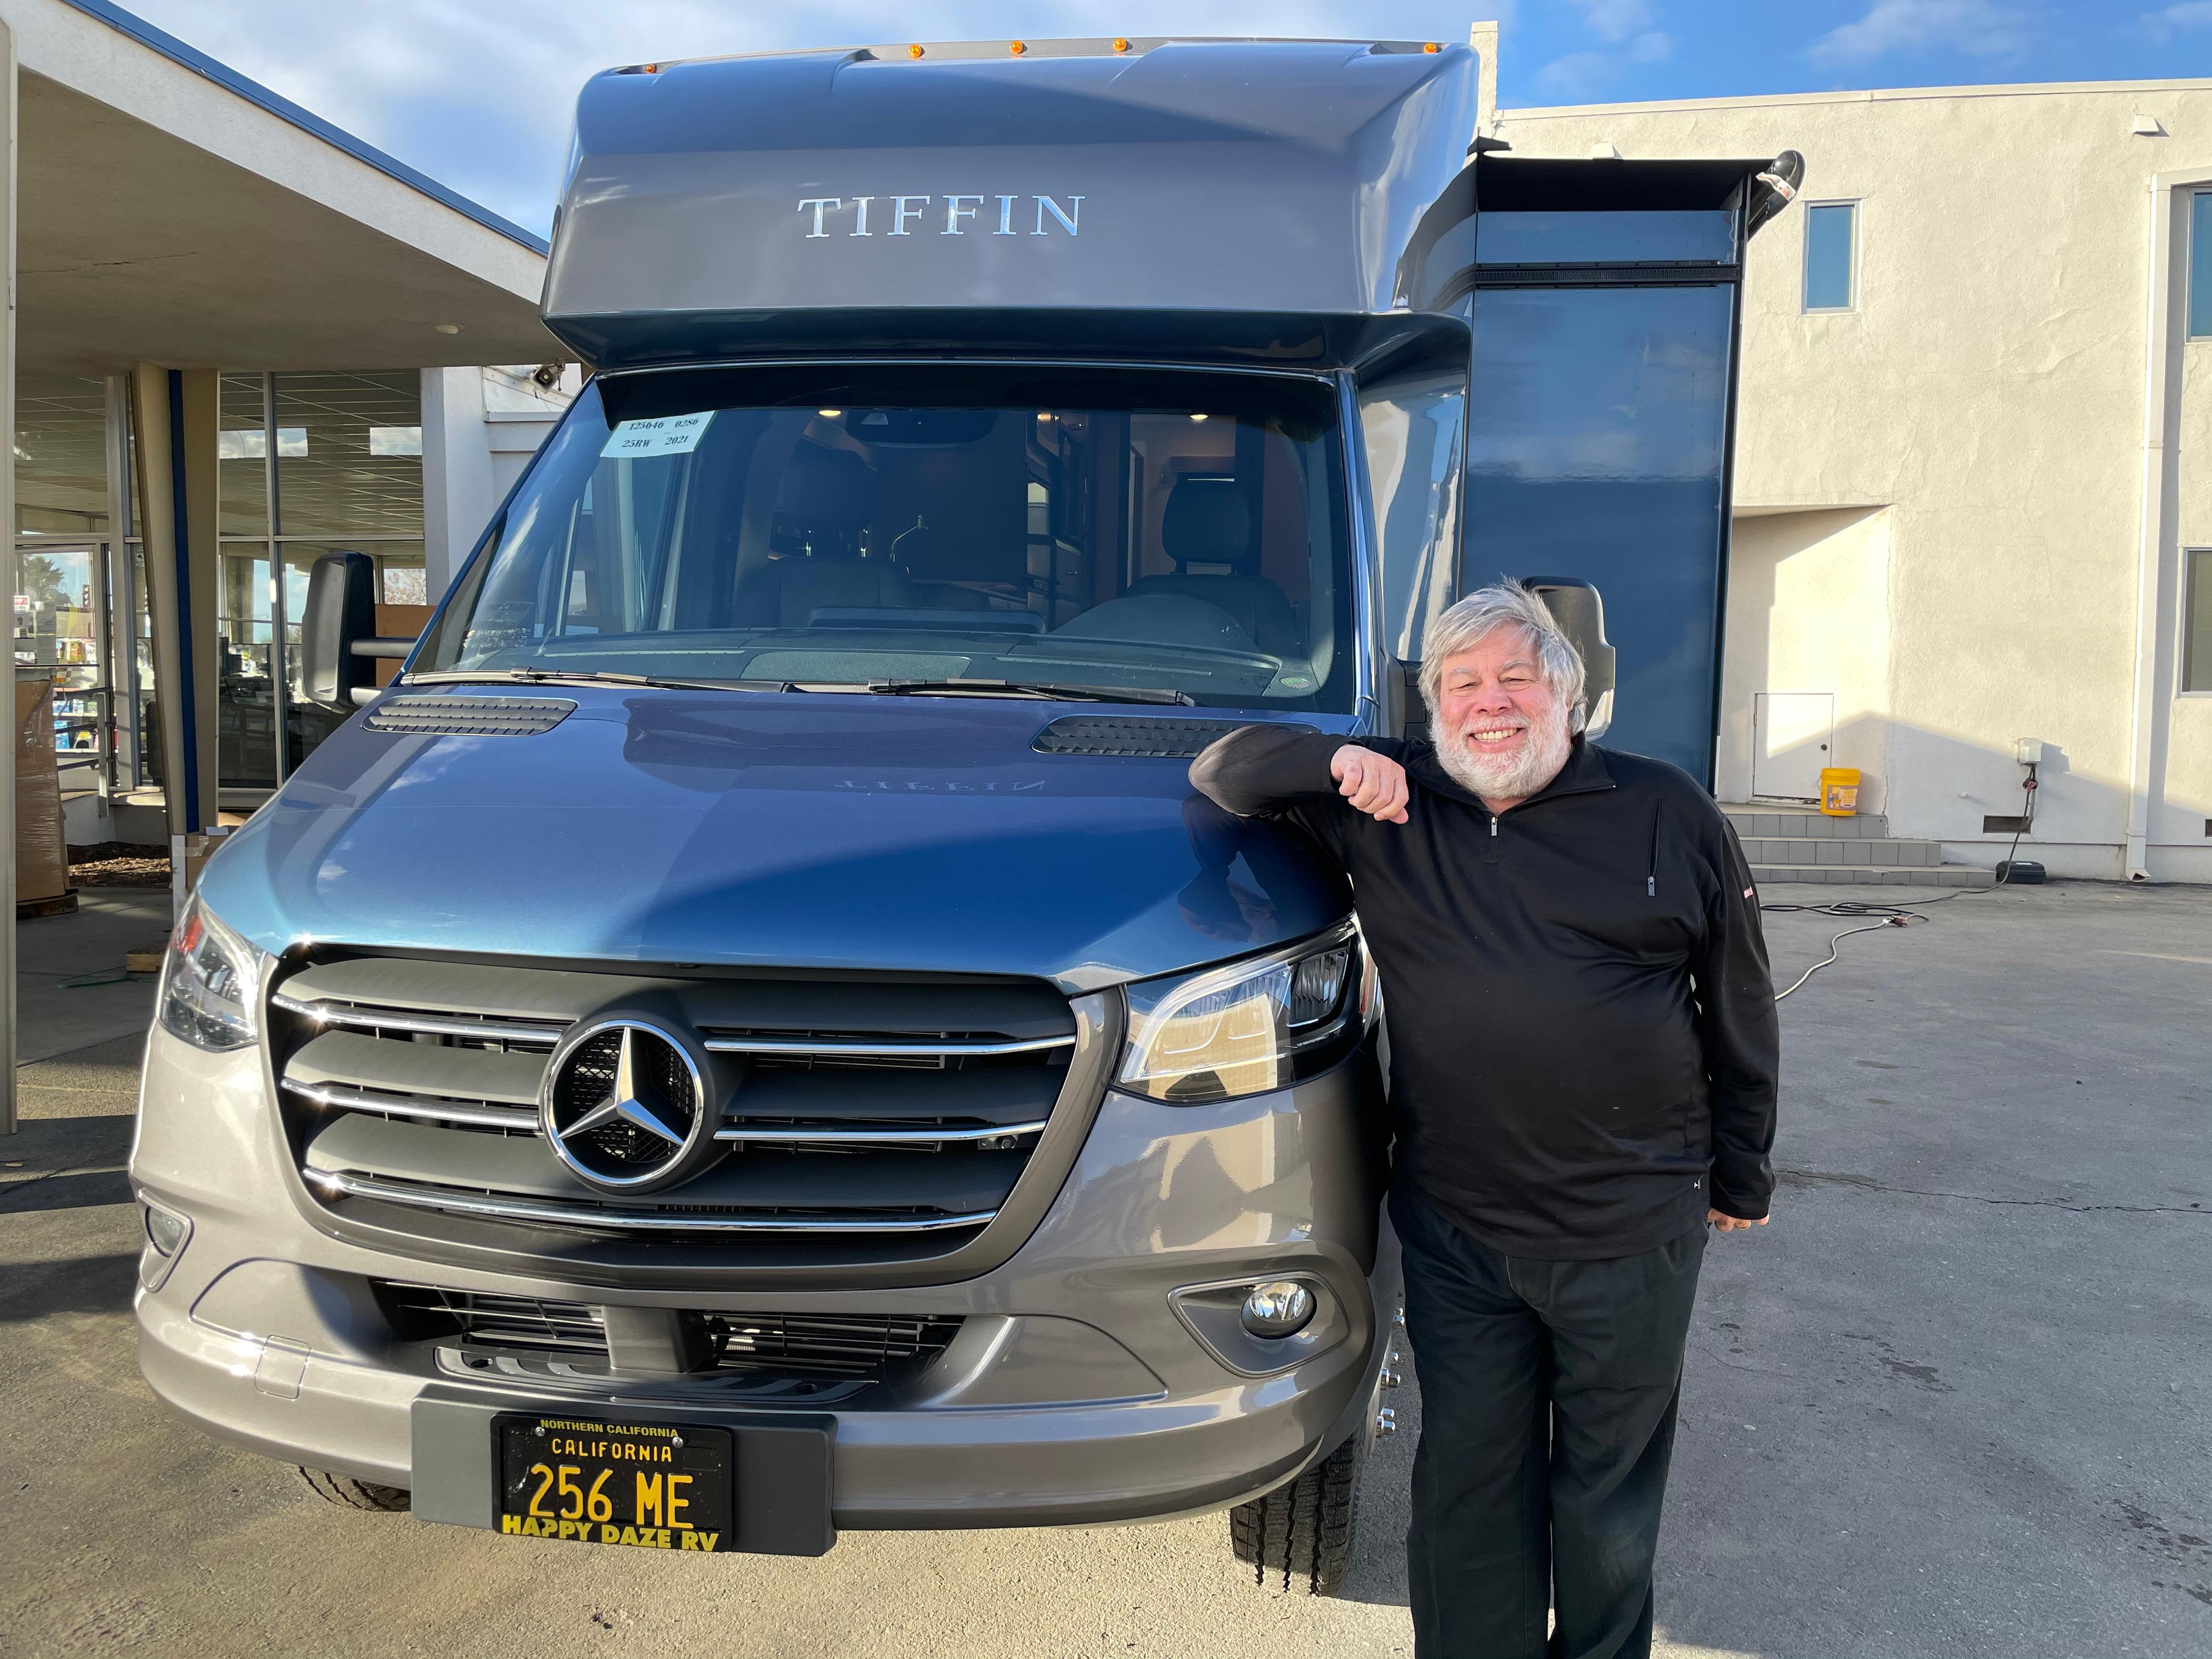 Steve Woznaik am 18.12.2021 vor seinem neuen Van. Quelle:Twitter